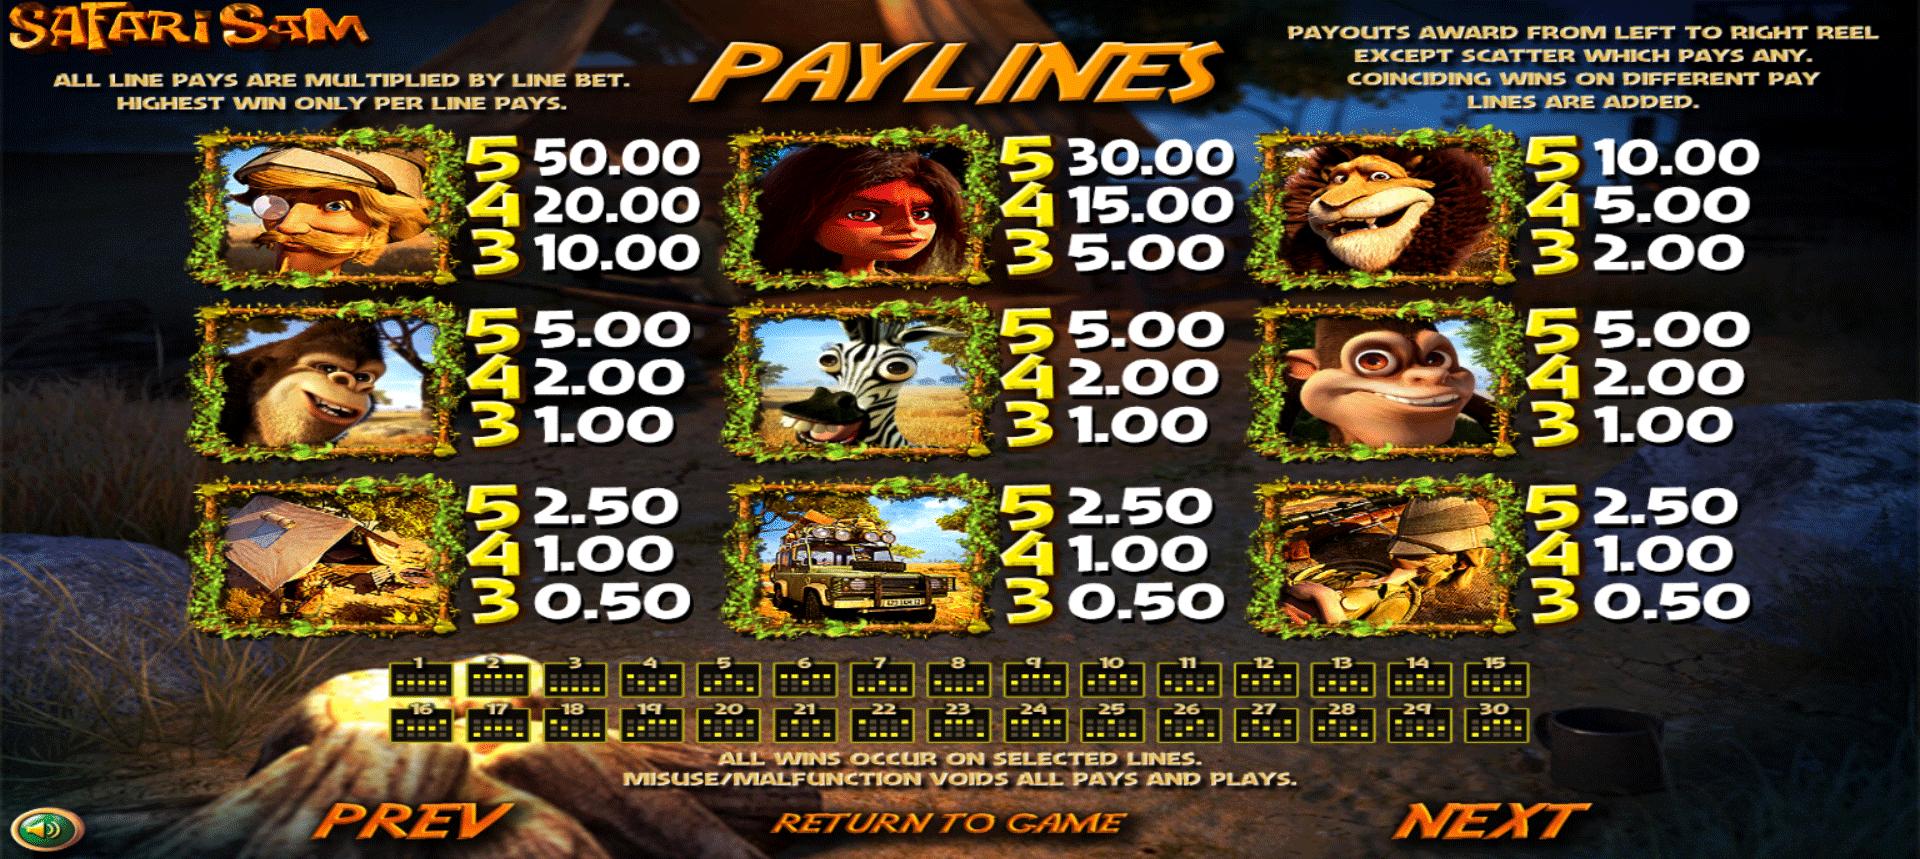 tabella dei pagamenti della slot online safari sam